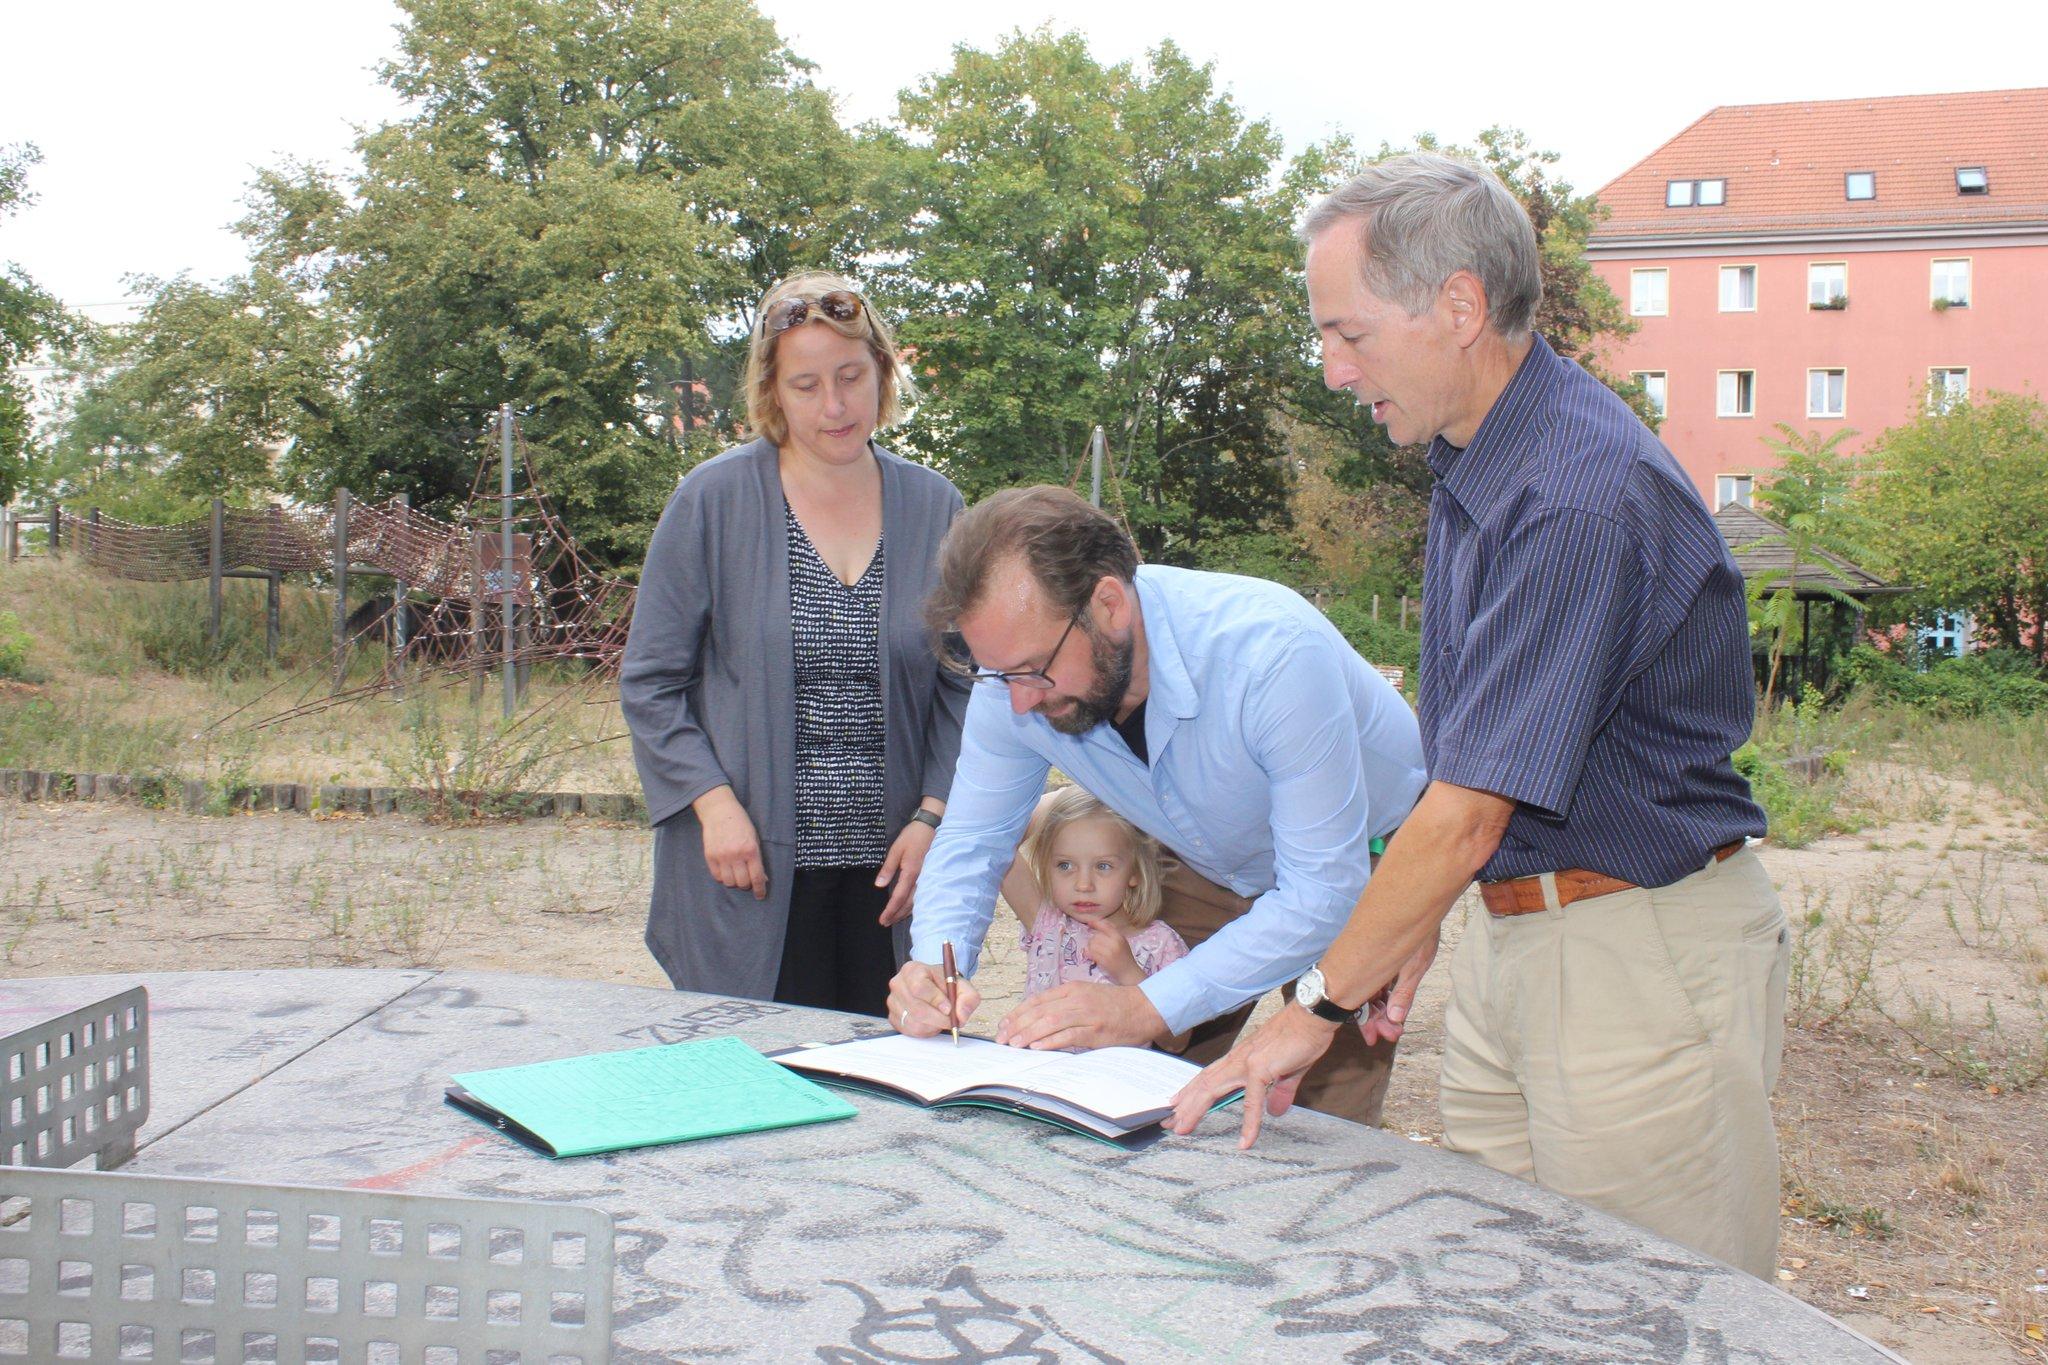 Eltern packen mit an: Bezirksamt und Verein Kiezinseln wollen Spielplatz an der Dusekestraße  auf Vordermann bringen